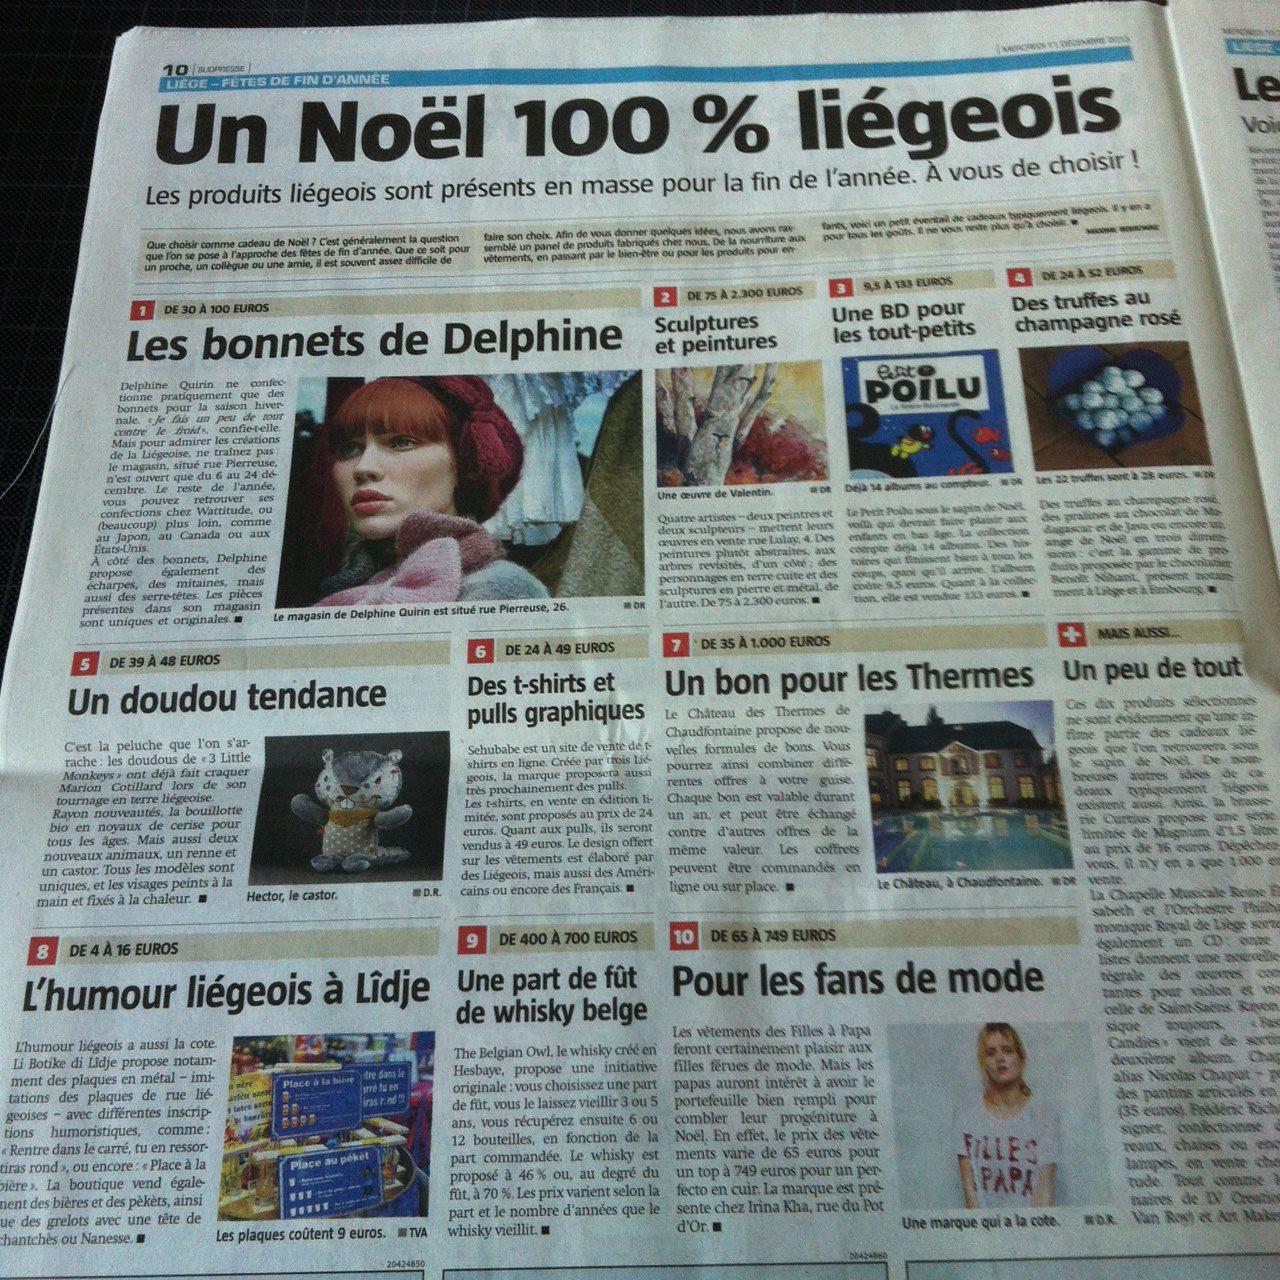 article La Meuse cadeaux 2013